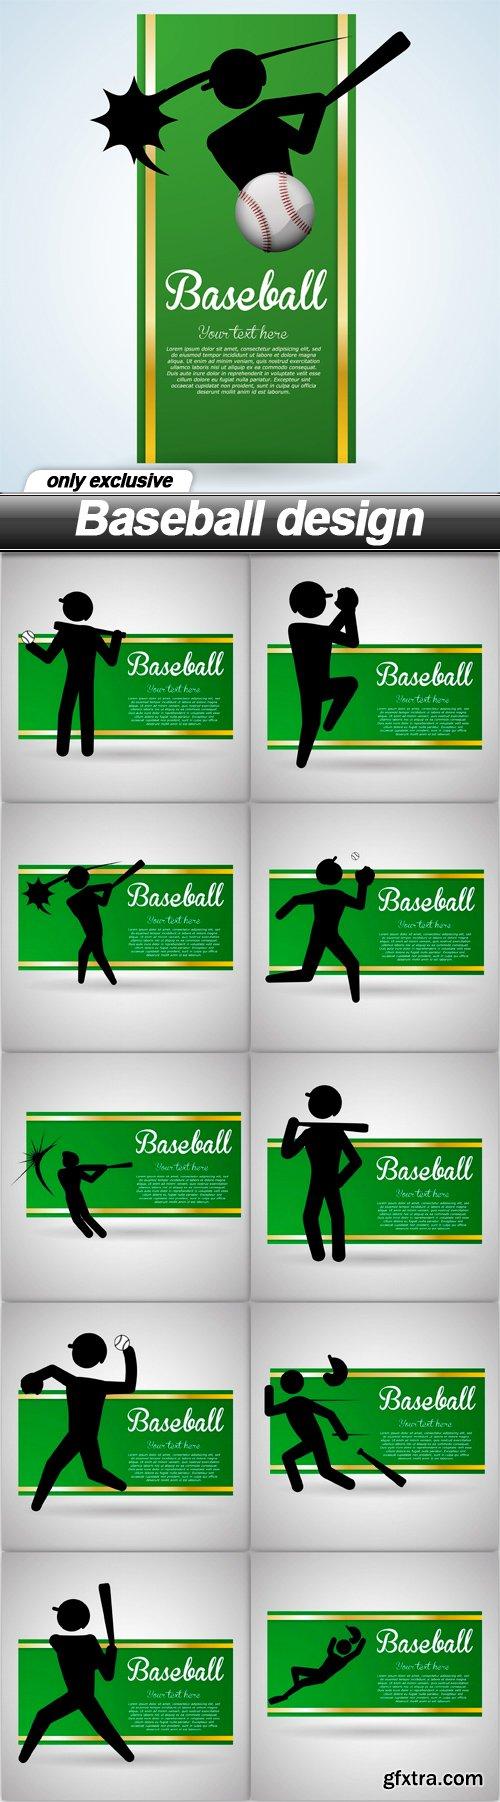 Baseball design - 20 EPS